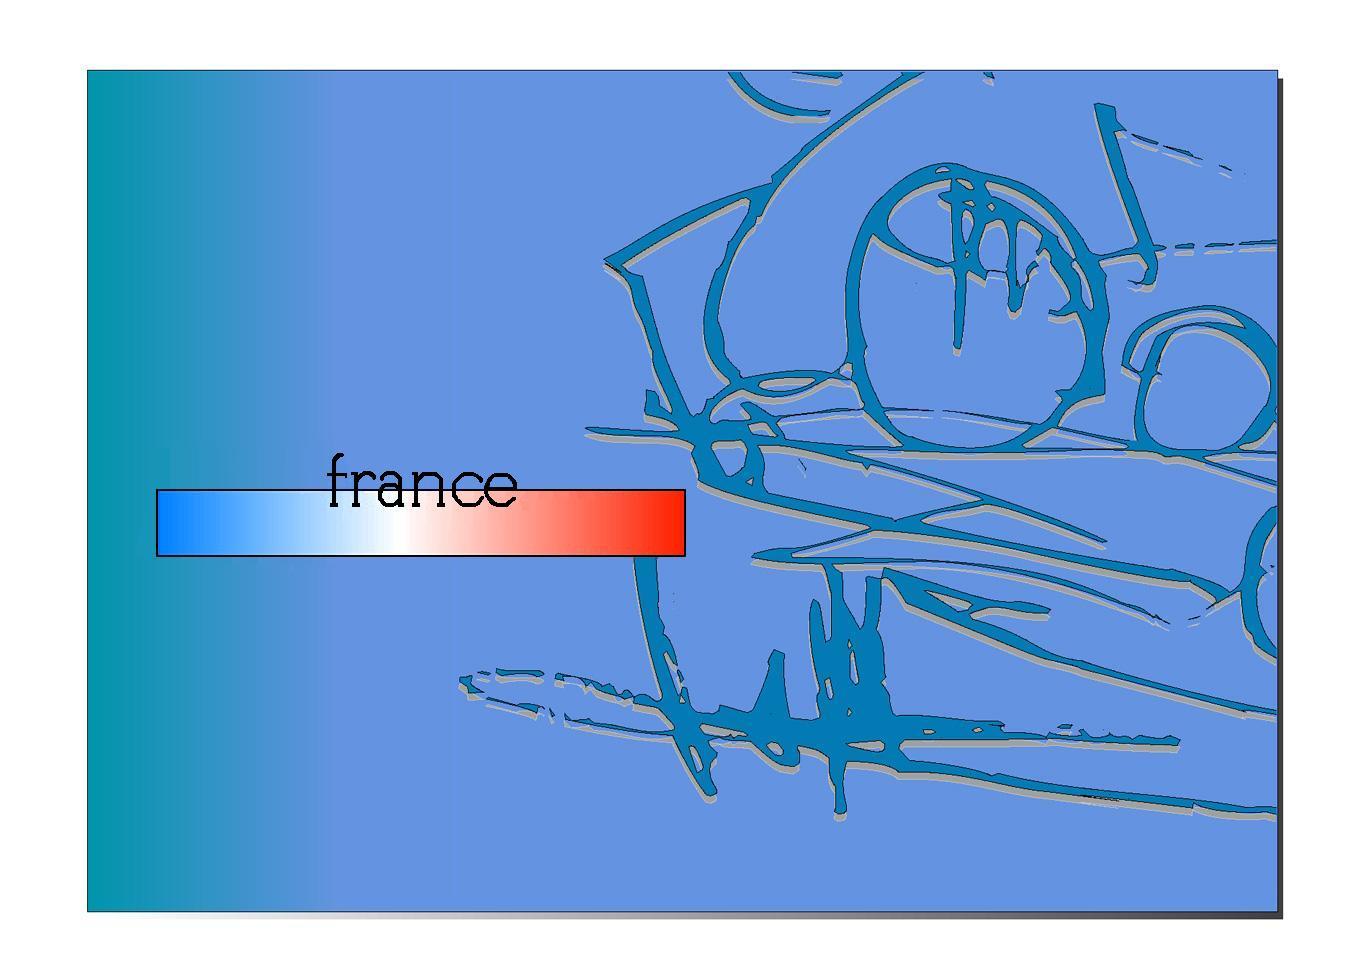 フランス車 イラスト